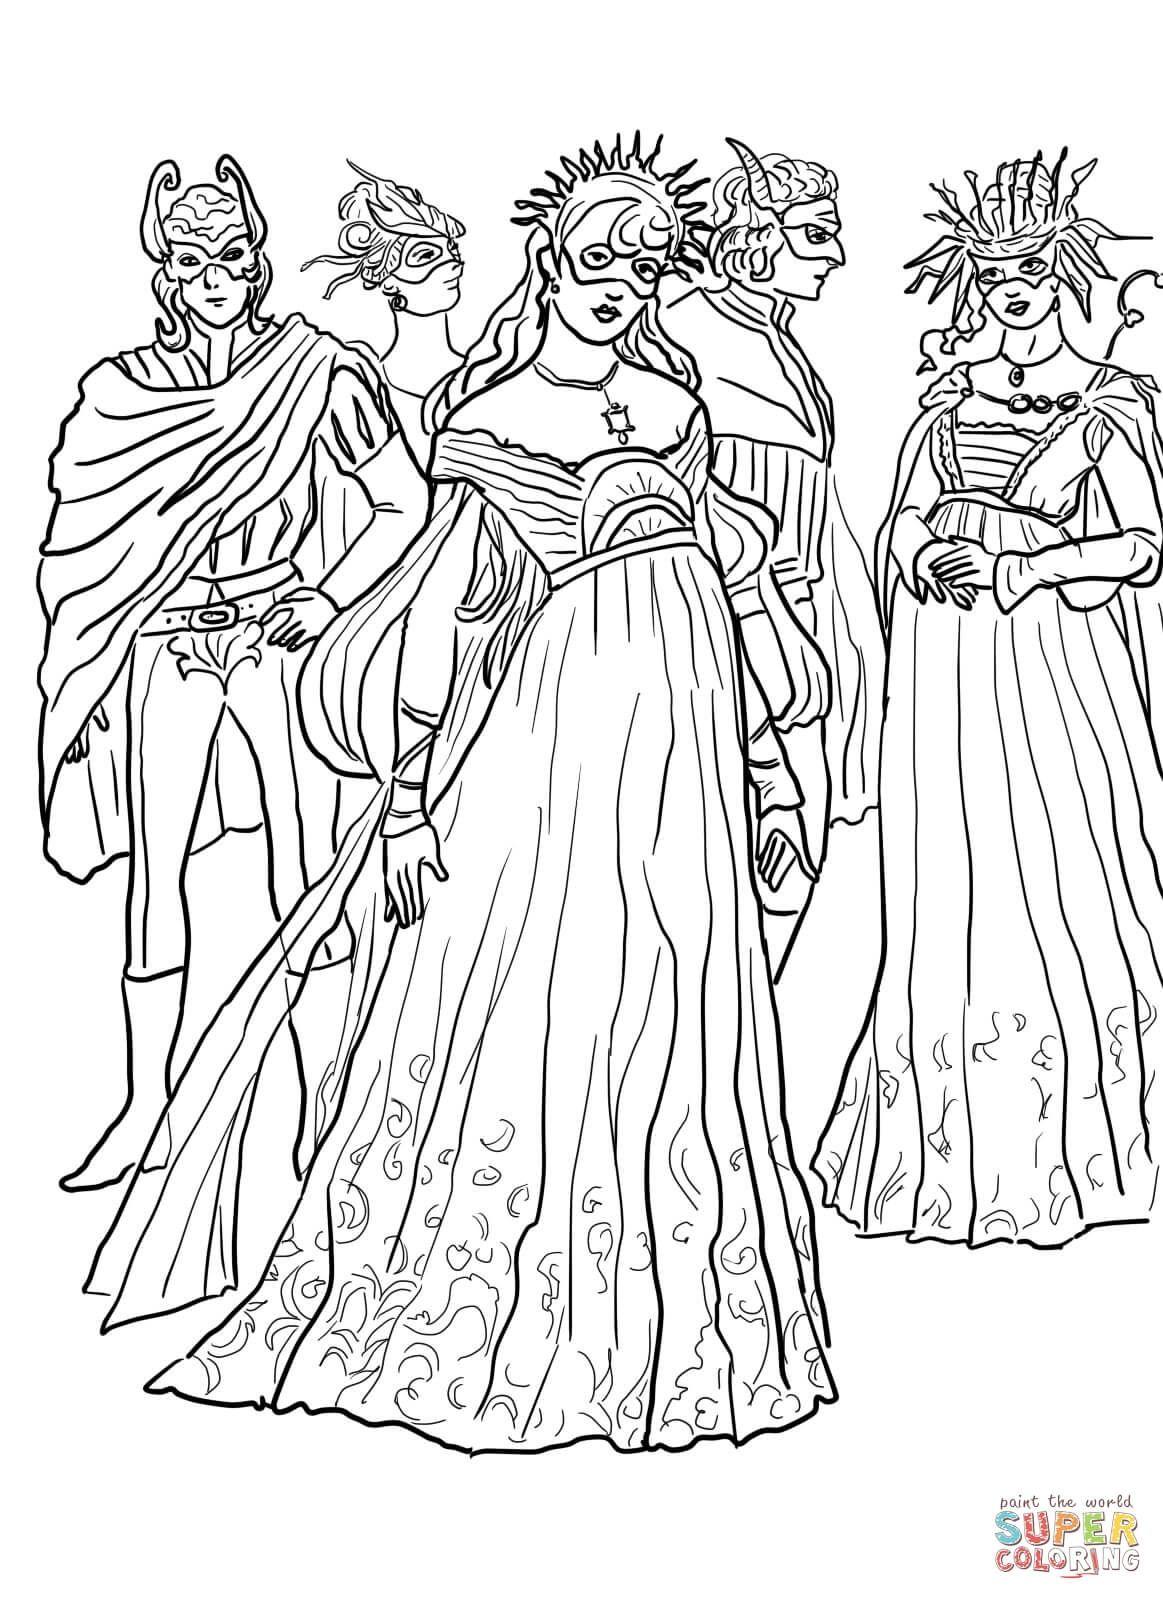 Romeo and Juliet Coloring Pages Gallery (met afbeeldingen)